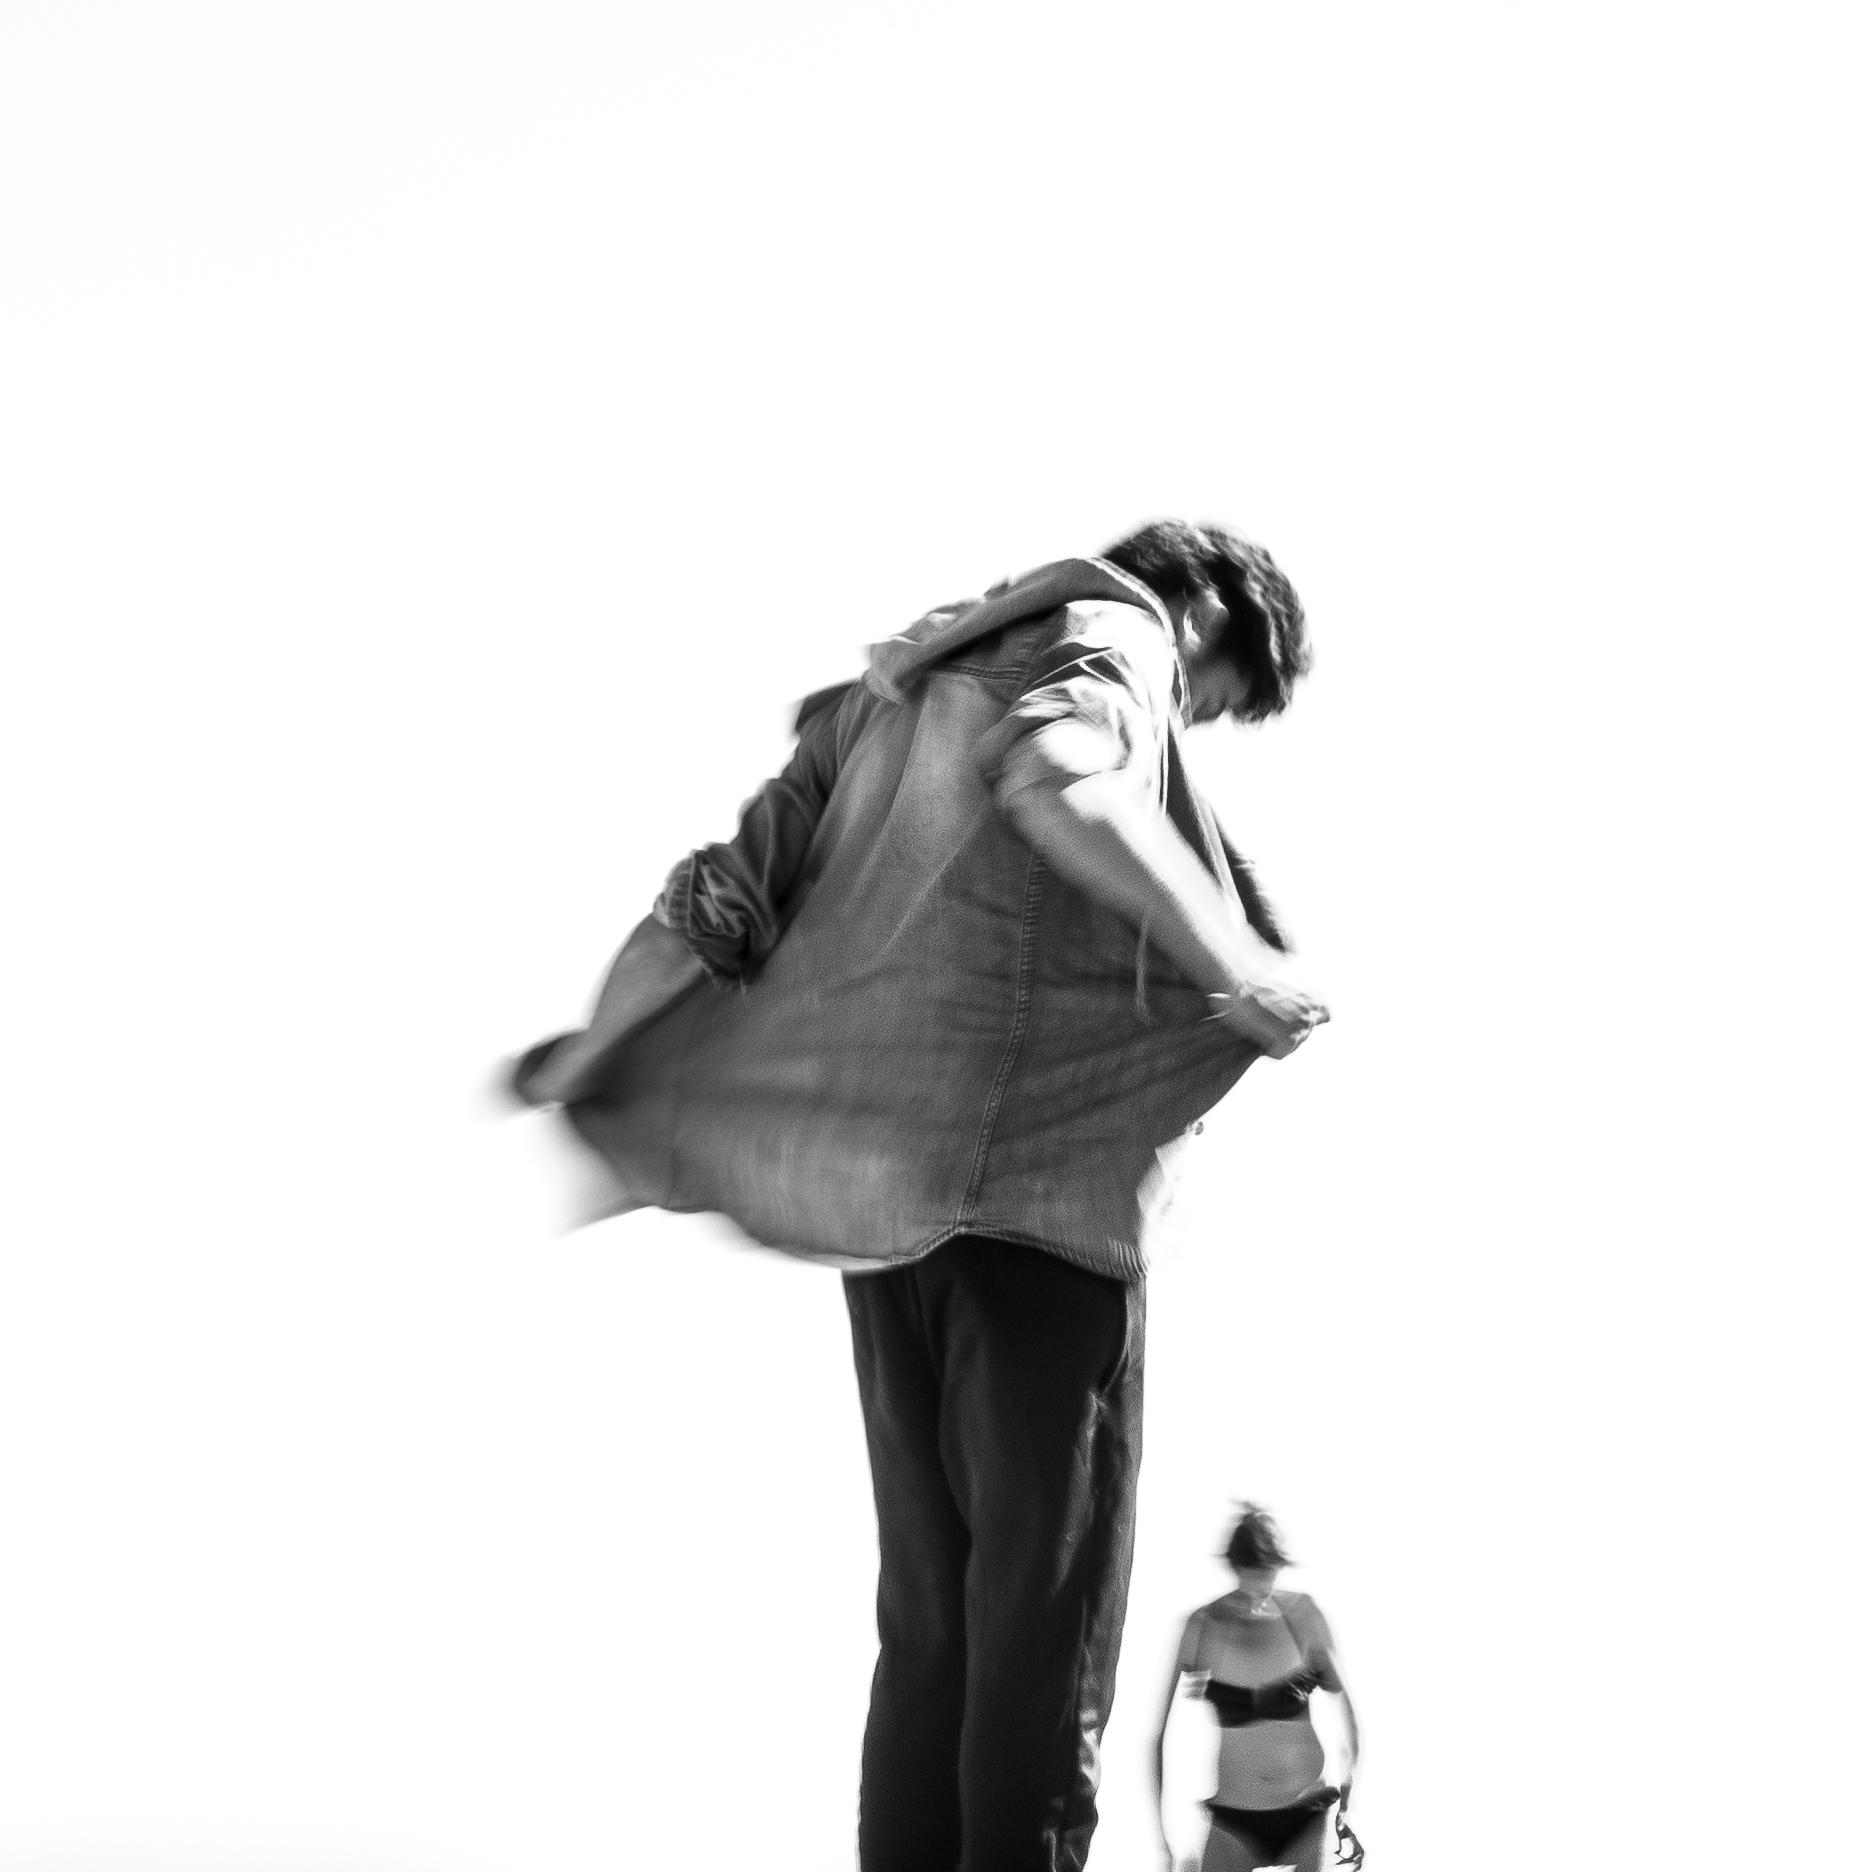 Distorsion - Photographie Yann Lecomte- Sablographie - Série WHITE